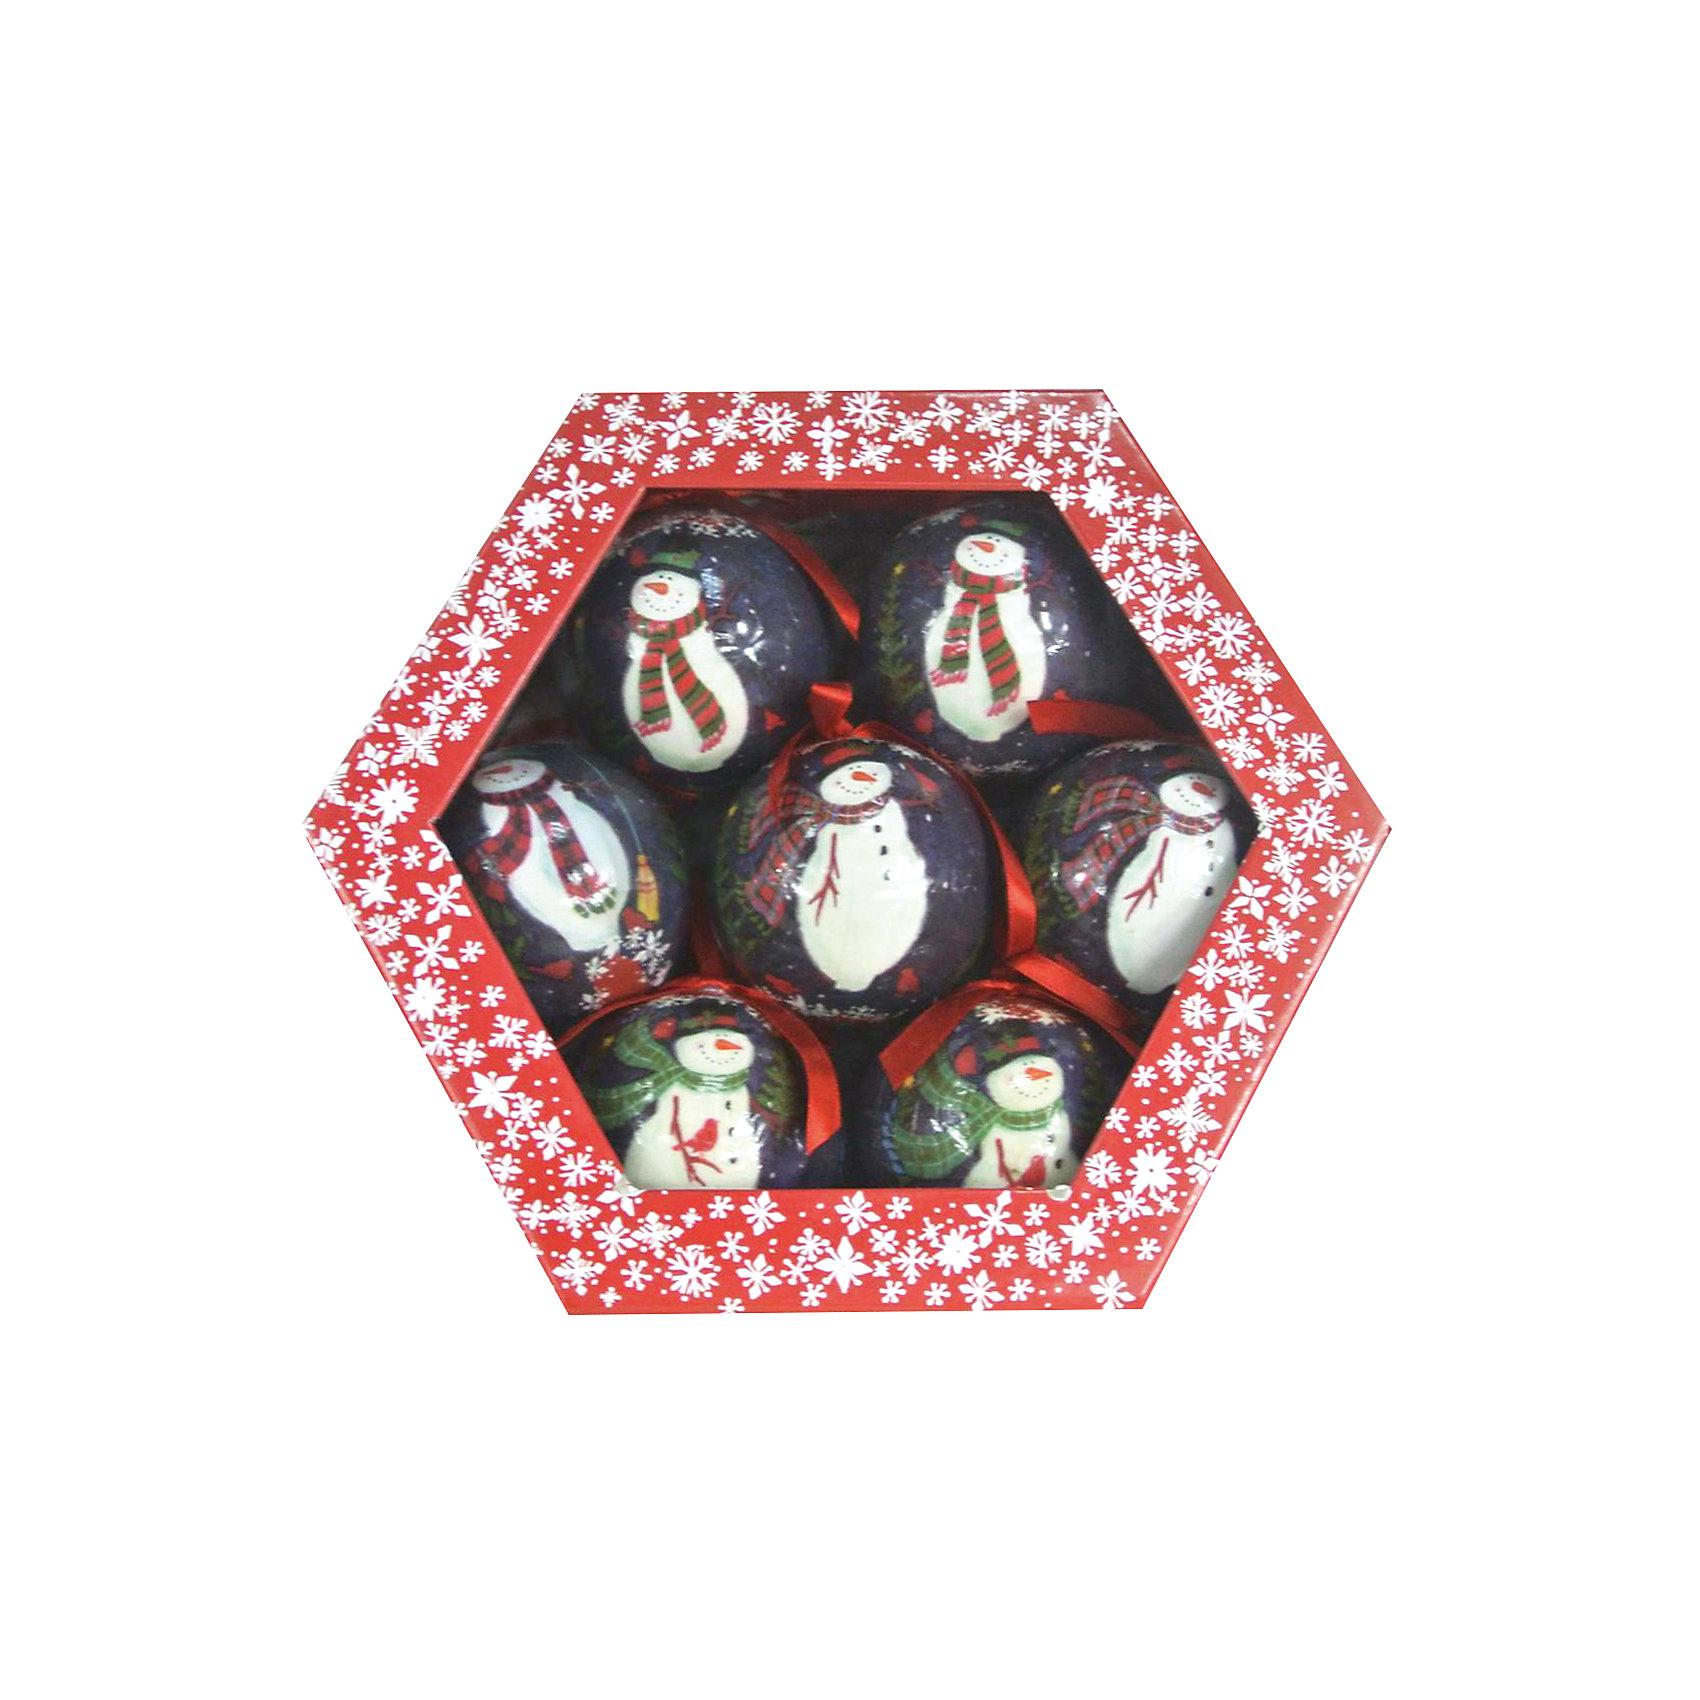 Набор глянцевых шаров Снеговик (7 шт)Глянцевые шары Снеговик, Волшебная страна, станут замечательным украшением для Вашей новогодней елки и помогут создать праздничную волшебную атмосферу. В комплекте семь глянцевых шаров, украшенных изображением забавного снеговика, они будут чудесно смотреться на елке и радовать детей и взрослых. Шары упакованы в цветную подарочную коробочку.<br><br>Дополнительная информация:<br><br>- Материал: пластик.<br>- В комплекте: 7 шт.<br>- Диаметр шара: 7,5 см.<br>- Размер упаковки: 25 x 8 x 22 см.<br>- Вес: 0,327 кг.<br><br>Набор глянцевых шаров Снеговик (7 шт.), Волшебная страна, можно купить в нашем интернет-магазине.<br><br>Ширина мм: 250<br>Глубина мм: 80<br>Высота мм: 220<br>Вес г: 327<br>Возраст от месяцев: 36<br>Возраст до месяцев: 2147483647<br>Пол: Унисекс<br>Возраст: Детский<br>SKU: 4288666